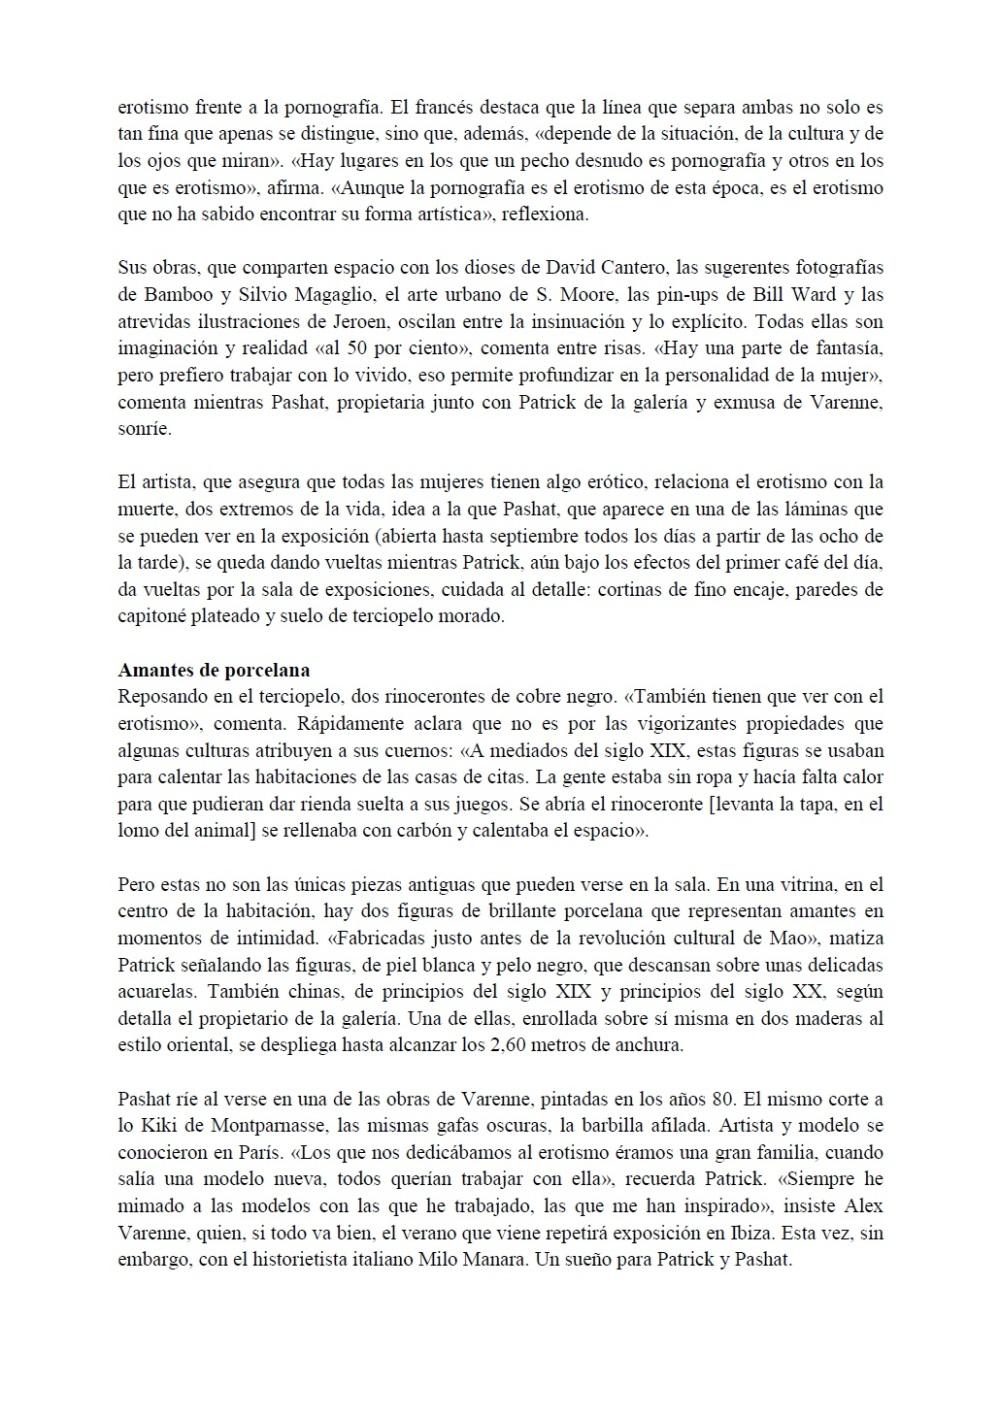 Article Diario de Ibiza 2012 (2)